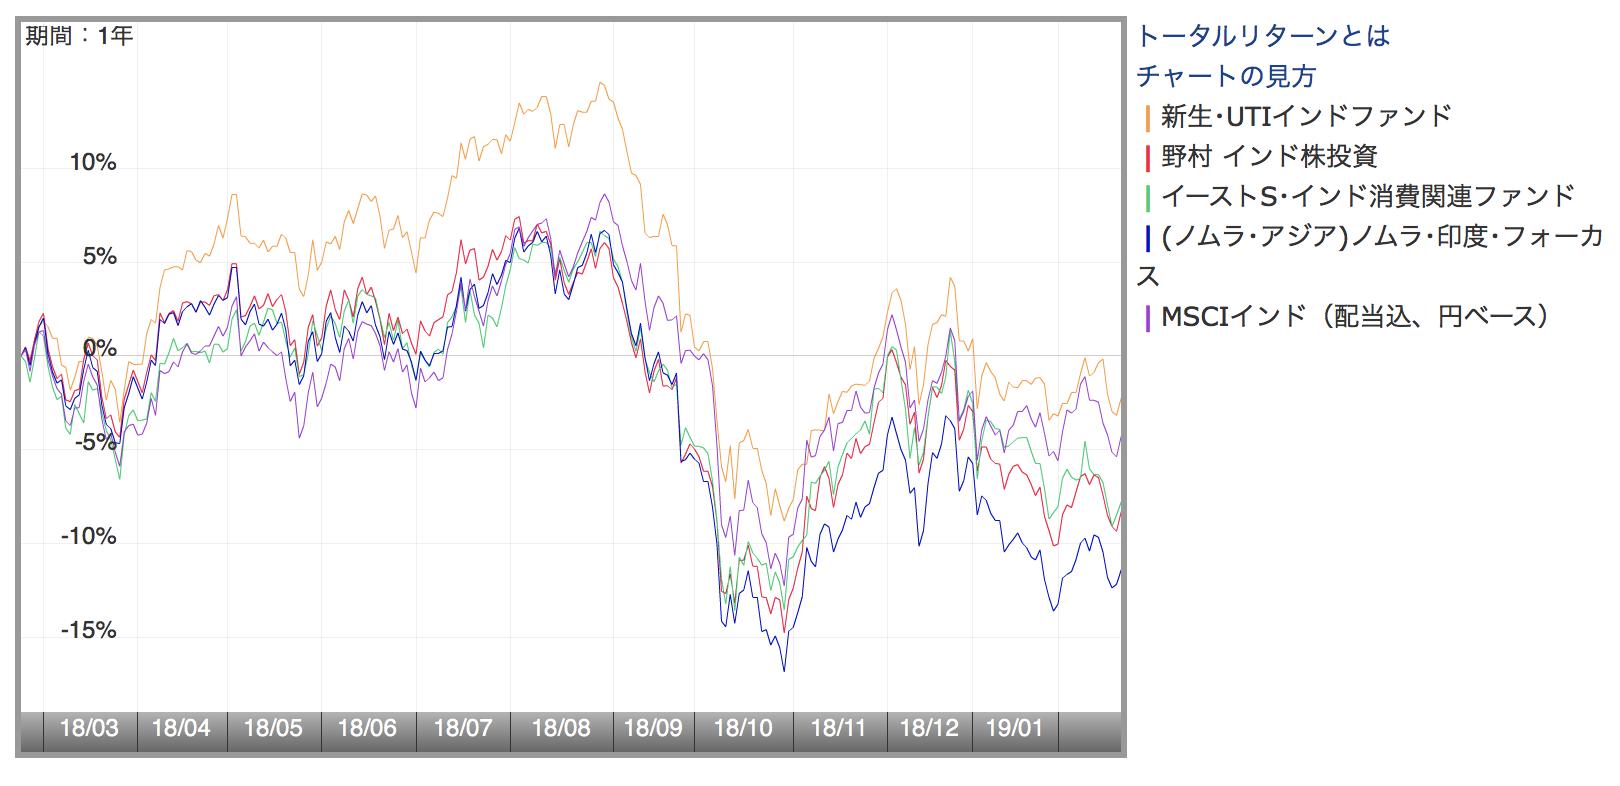 インドの投資信託の直近1年間の値動き比較